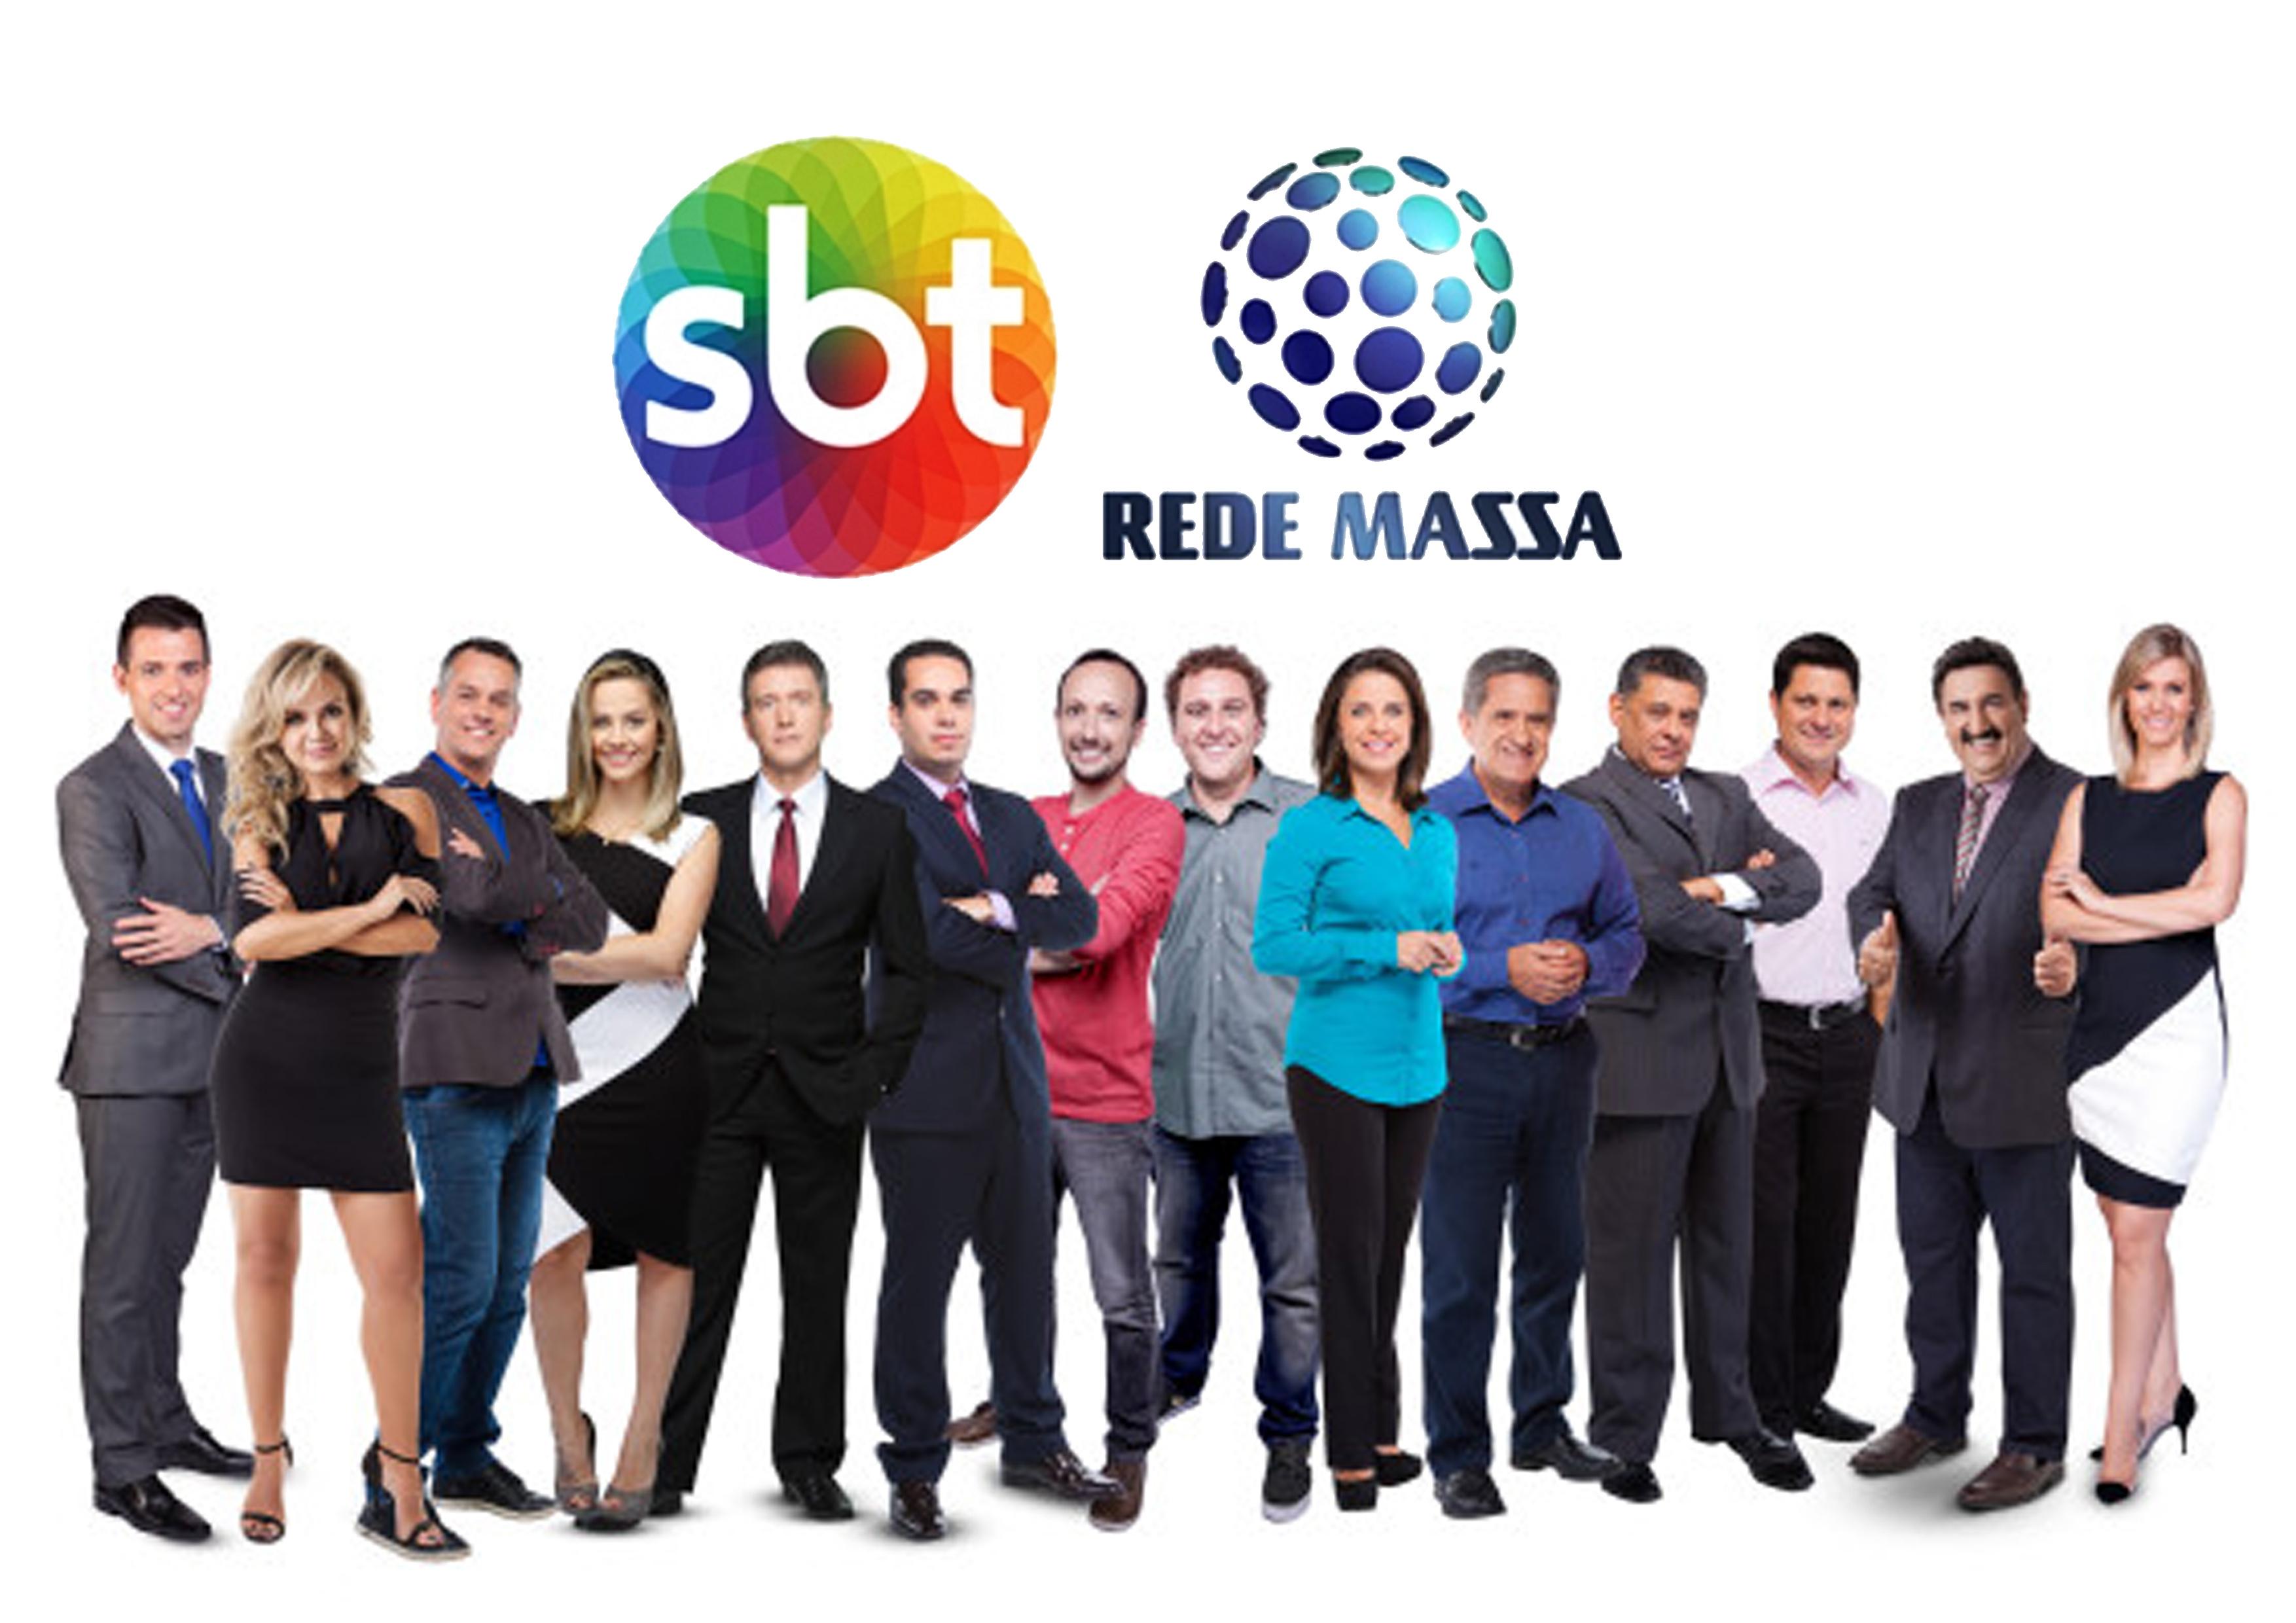 Apresentadores da Rede Massa (Foto: Divulgação)